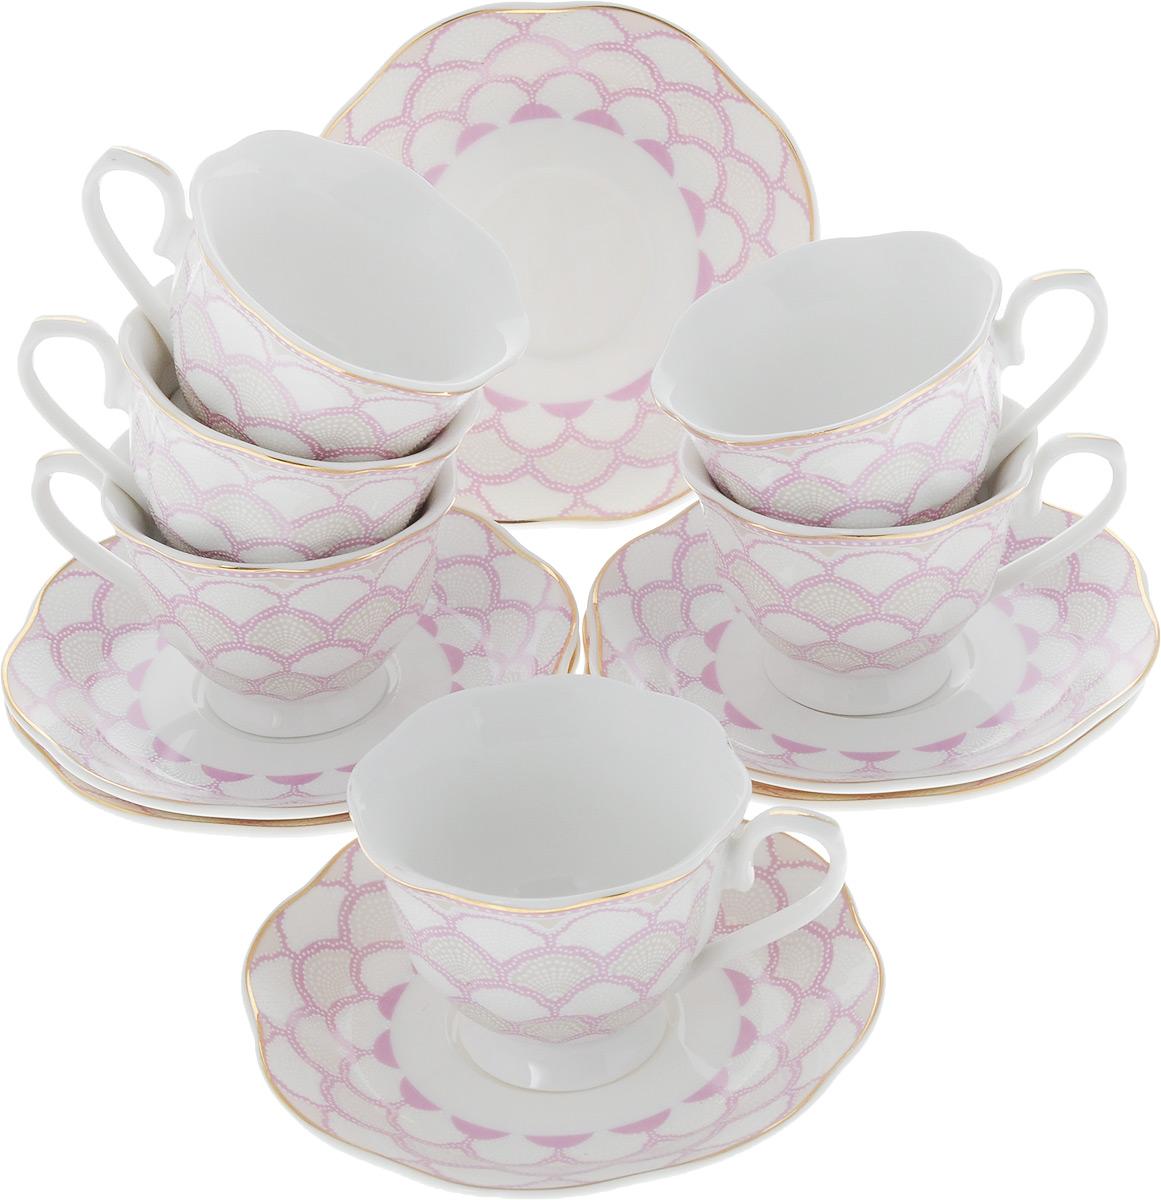 Кофейный сервиз Loraine, 80 мл, цвет: белый, розовый, 12 предметов26436-2Кофейный сервиз Loraine на 6 персон выполнен из высококачественного костяного фарфора - материала, безопасного для здоровья и надолго сохраняющего тепло напитка. В наборе 6 чашек и 6 блюдец. Несмотря на свою внешнюю хрупкость, каждый из предметов набора обладает высокой прочностью и надежностью. Изделия украшены тонкой золотой каймой, внешние стенки дополнены красивым рельефным рисунком. Элегантный классический дизайн сделает этот набор изысканным украшением любого стола. Набор упакован в подарочную коробку, поэтому его можно преподнести в качестве оригинального и практичного подарка для родных и близких. Объем чашки: 80 мл. Диаметр чашки (по верхнему краю): 6,5 см. Высота чашки: 5,5 см. Диаметр блюдца: 11,5 см.